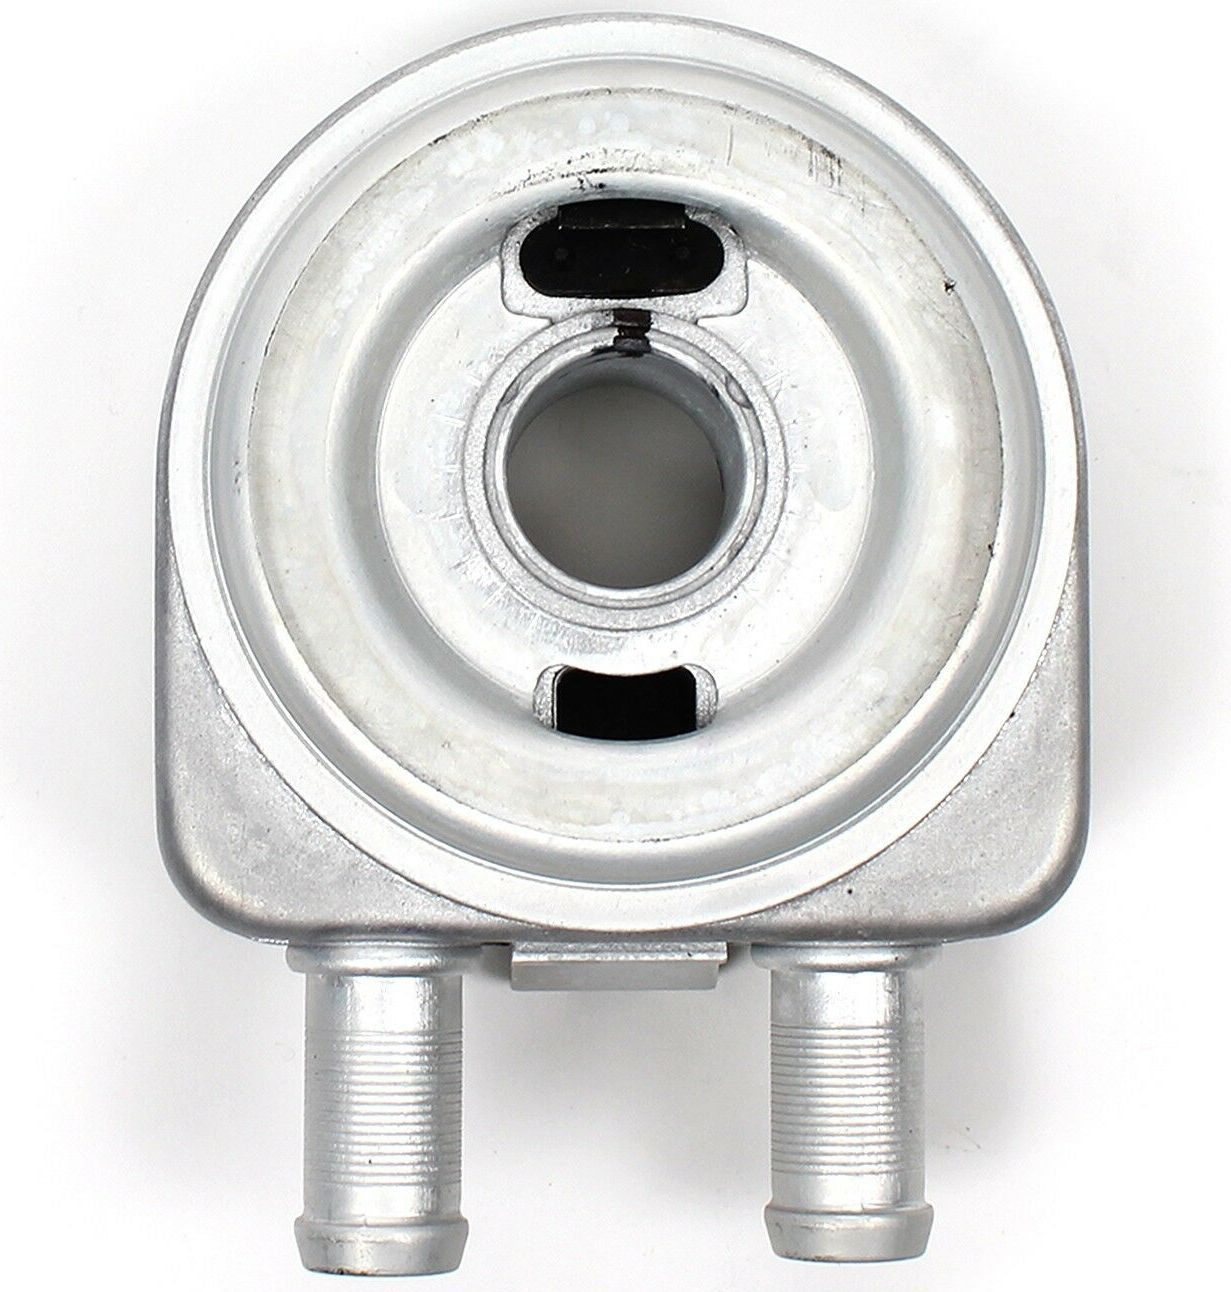 Radiador Resfriador De Oleo Do Motor Kia Sorento 2.4 16v de 2010 à 2015 - 264102G000